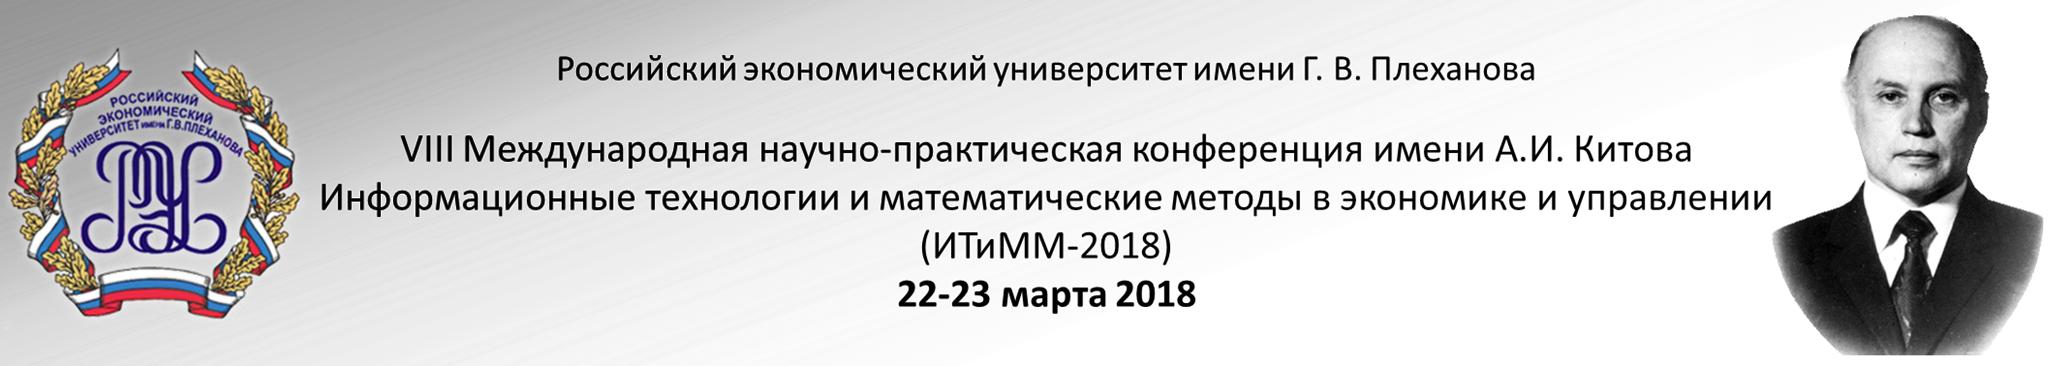 VIII Международная научно-практическая конференция имени А.И. Китова  Информационные технологии и математические методы в экономике и управлении (ИТиММ-2018)  22-23 марта 2018